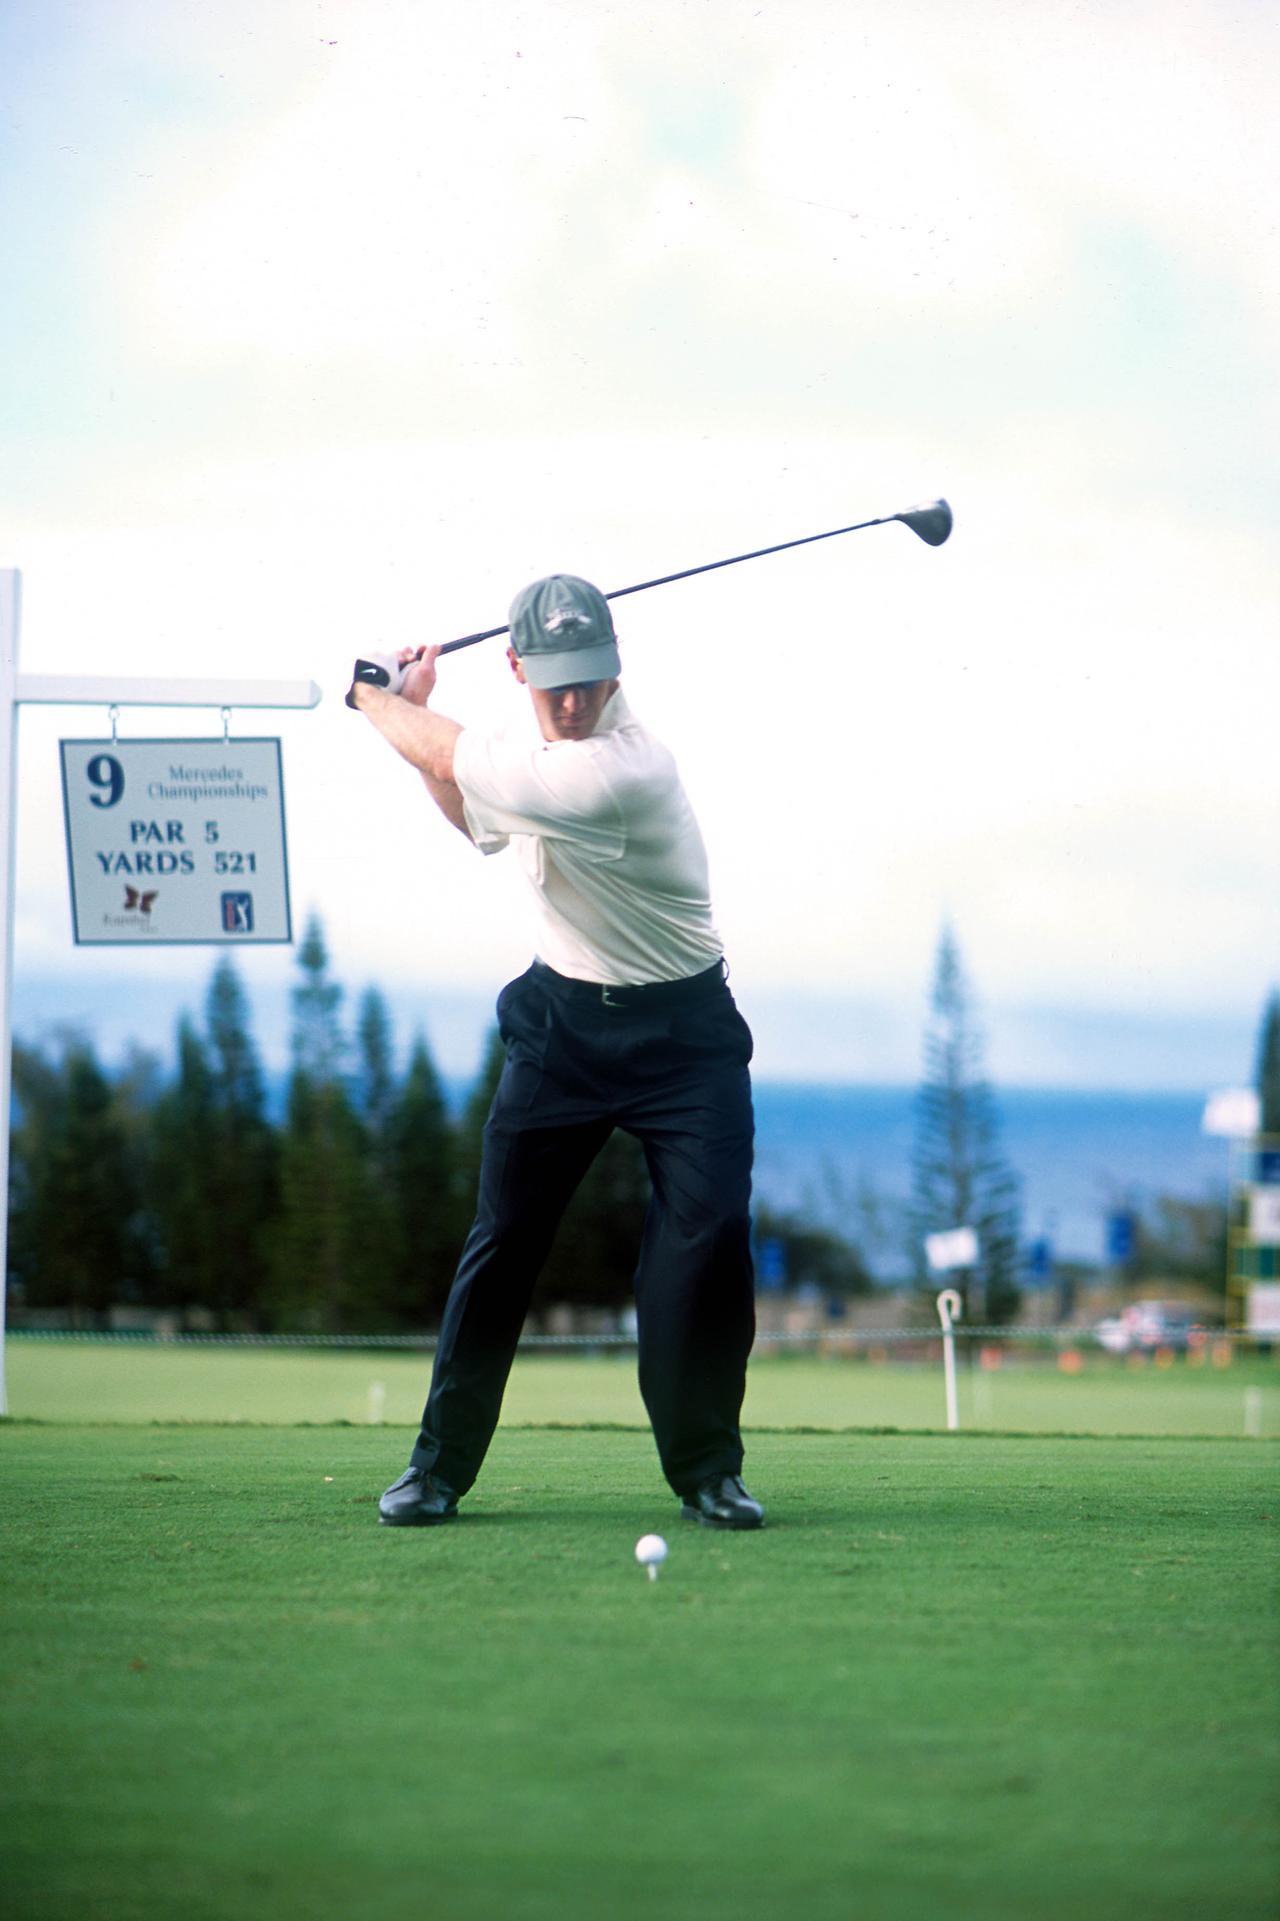 Images : 6番目の画像 - デビッド・デュバル ドライバー正面連続写真 - みんなのゴルフダイジェスト